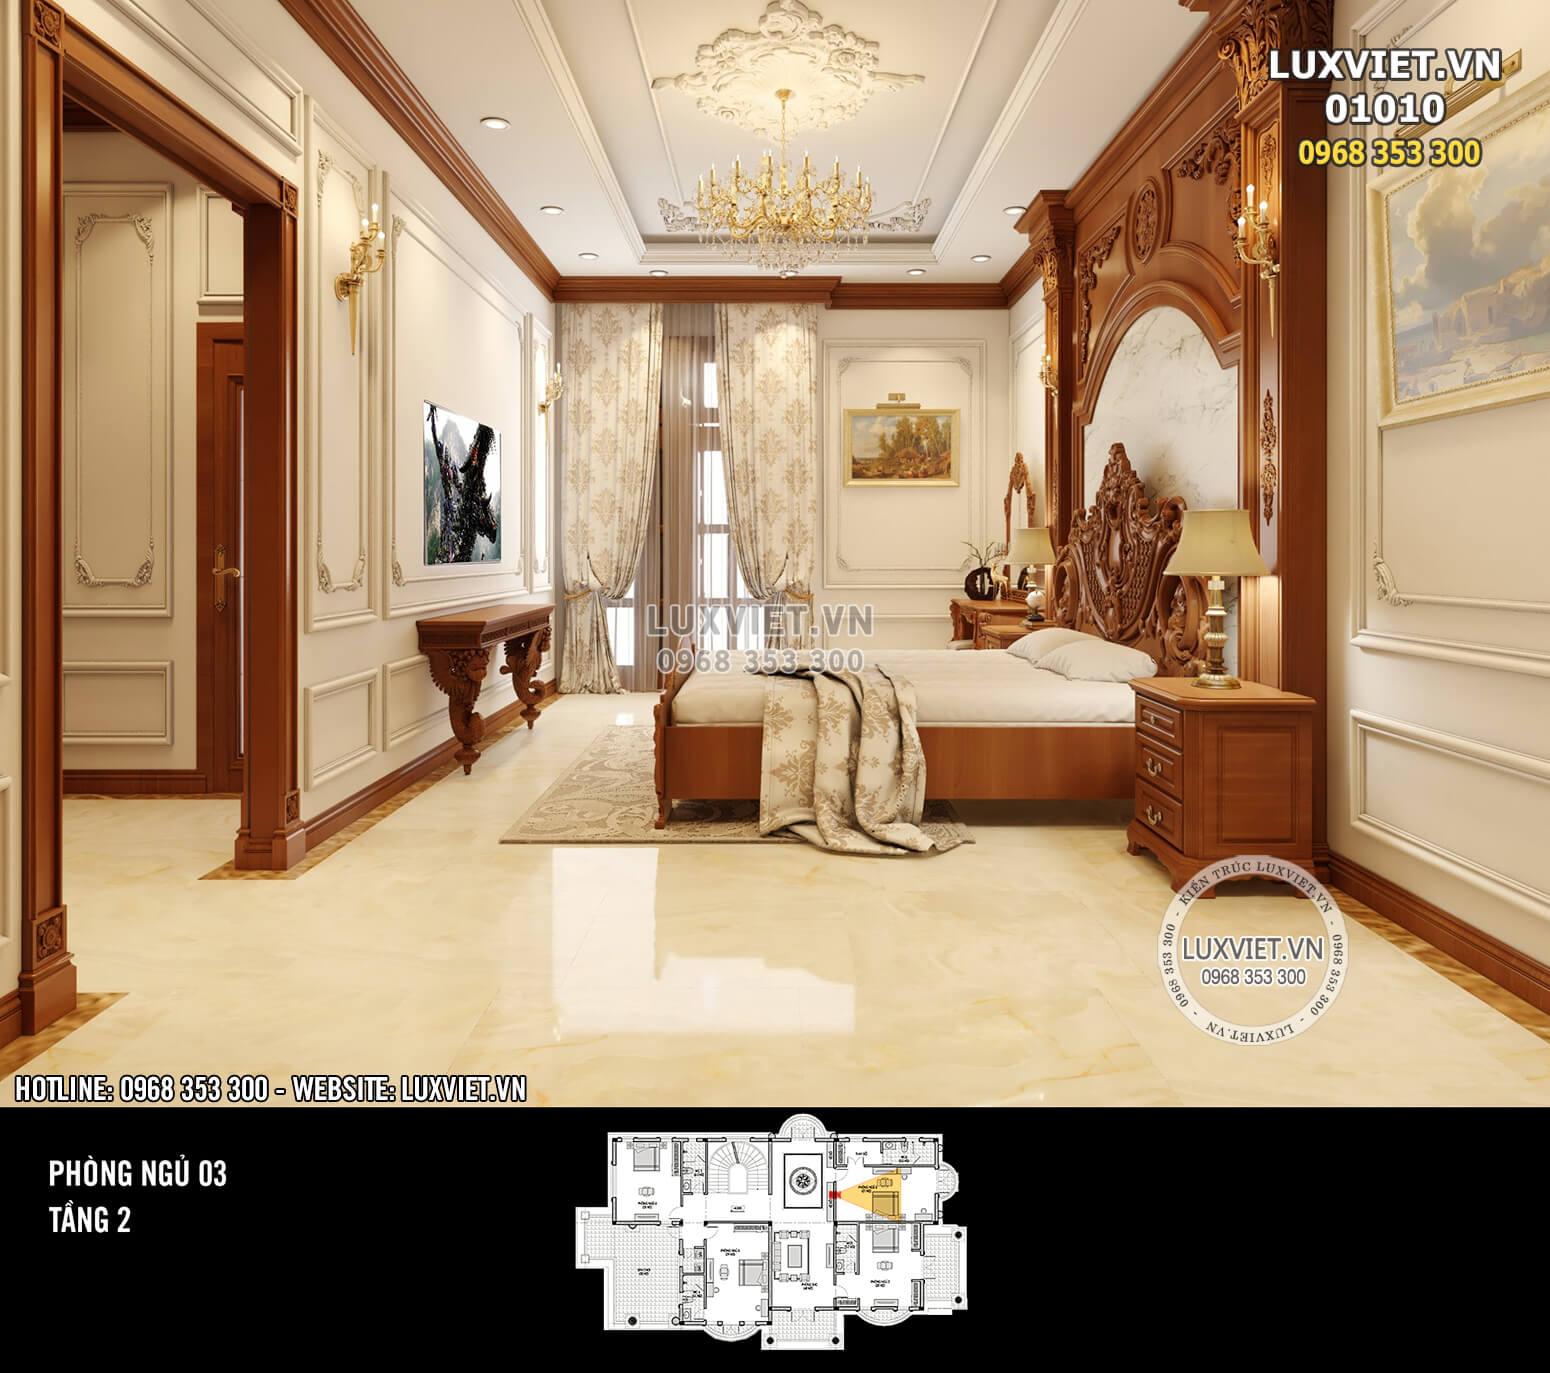 Hình ảnh: Phòng ngủ tầng 2 đẹp tinh tế - LV 01010